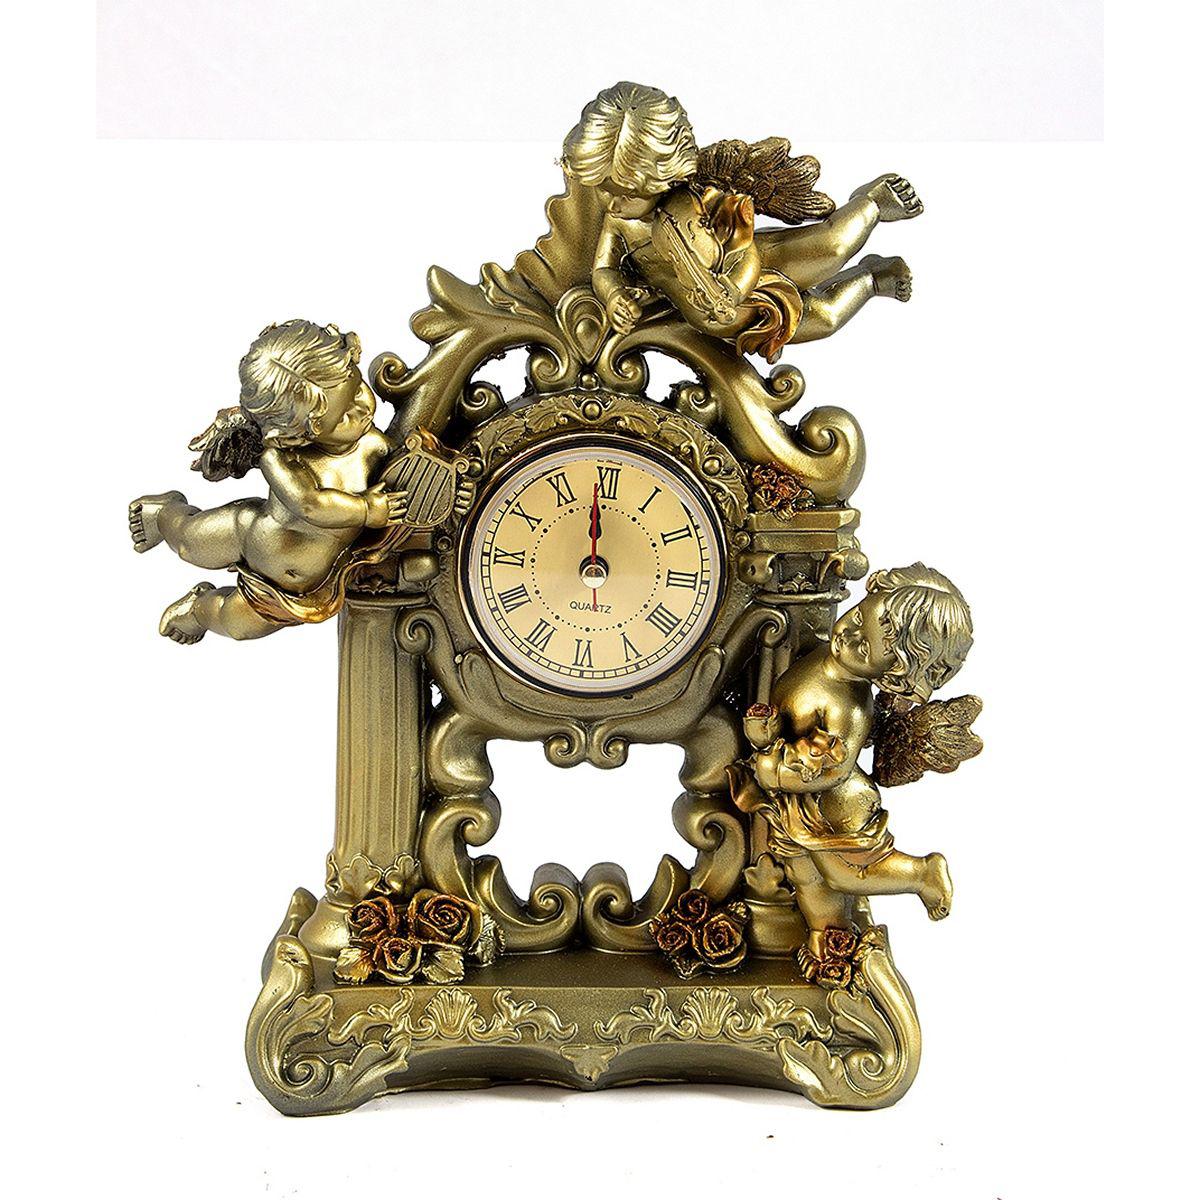 Часы настольные Русские Подарки Ангелы, 16 х 23 см. 59422138604Настольные кварцевые часы Русские Подарки Ангелы изготовлены из полистоуна, циферблат защищен стеклом. Часы имеют три стрелки - часовую, минутную и секундную.Изящные часы красиво и оригинально оформят интерьер дома или рабочий стол в офисе. Также часы могут стать уникальным, полезным подарком для родственников, коллег, знакомых и близких.Часы работают от батареек типа АА (в комплект не входят).